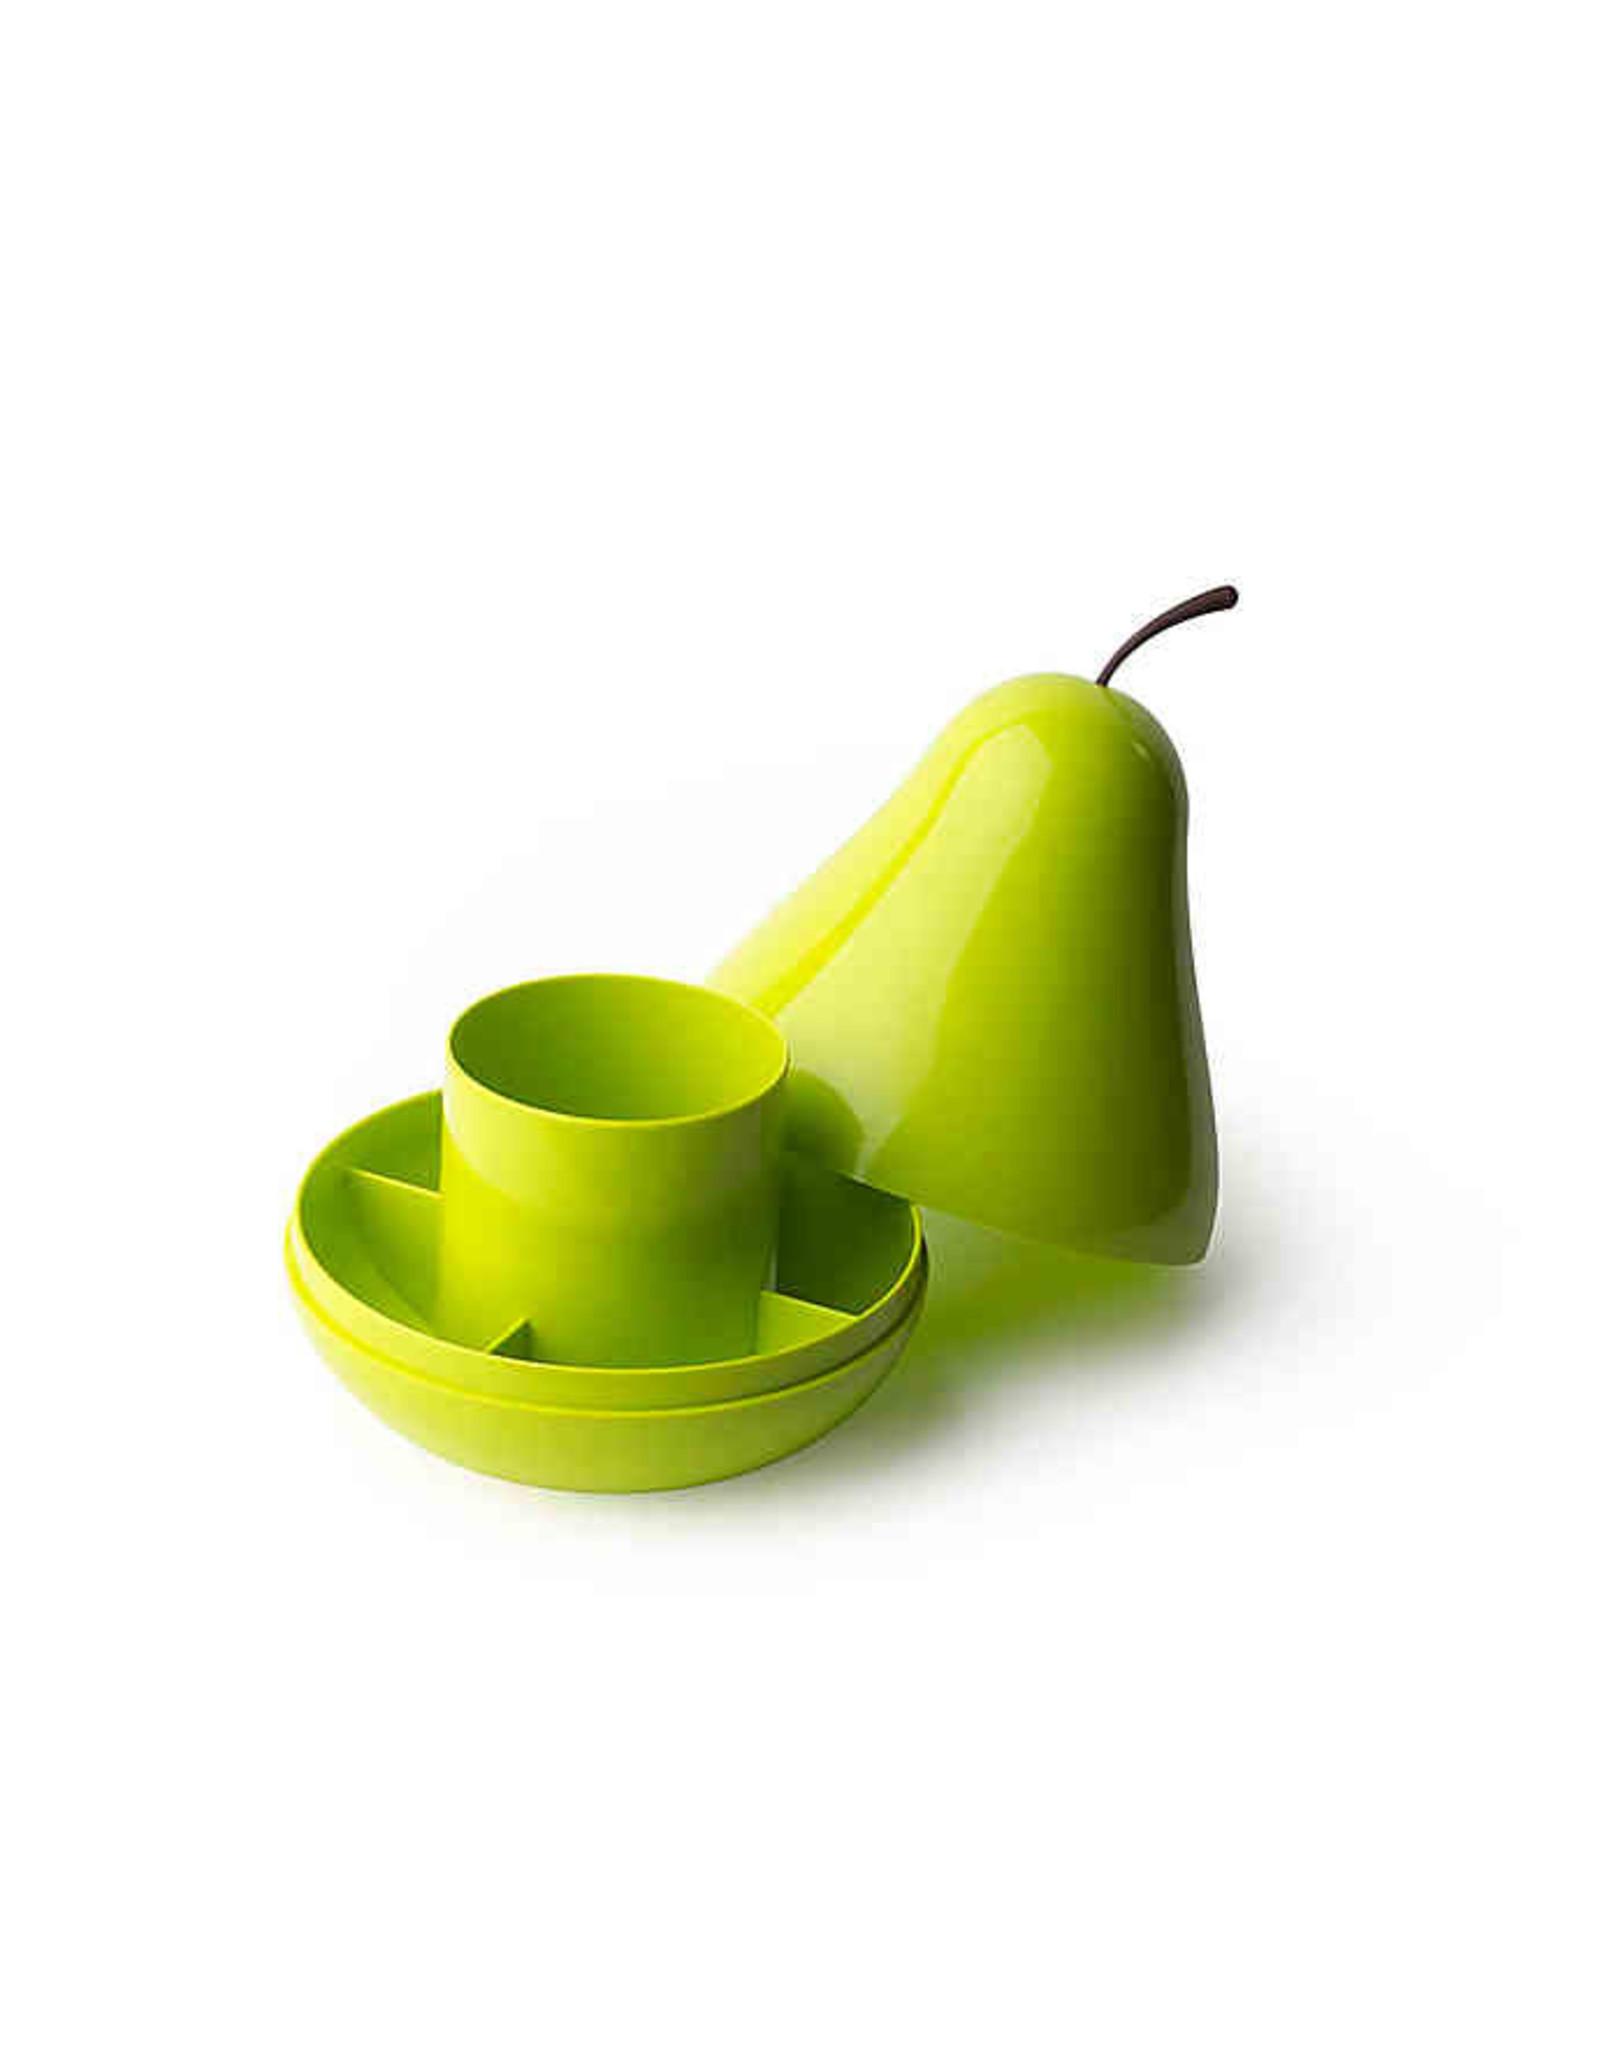 Qualy Pear Pod